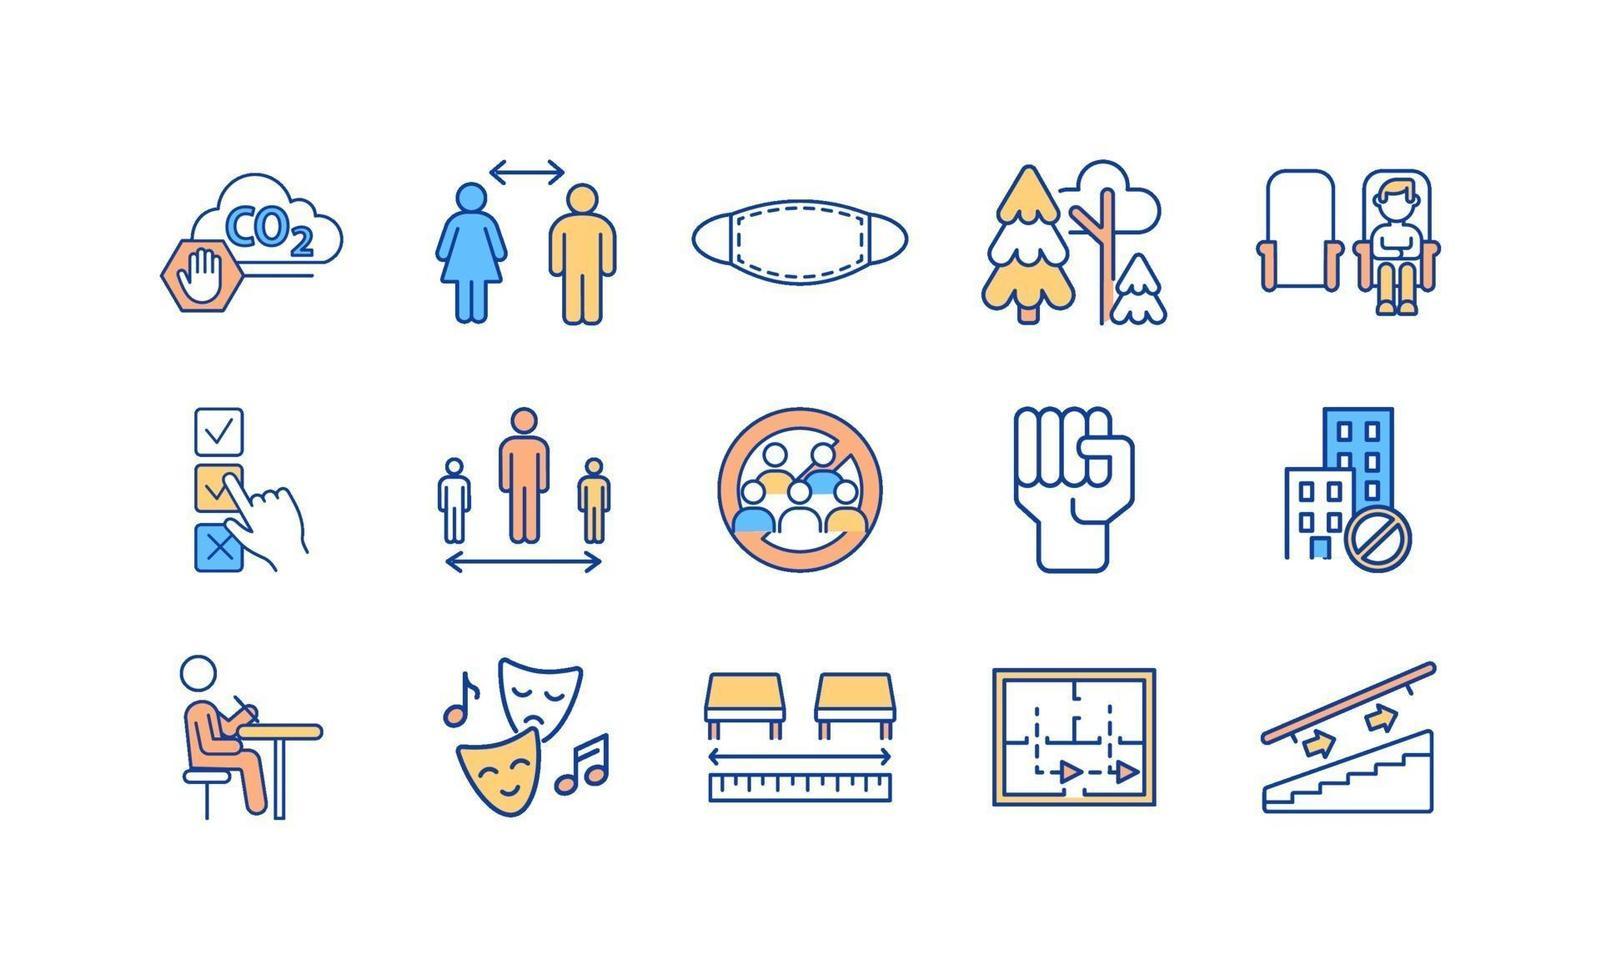 nuovo normale set di icone a colori rgb vettore